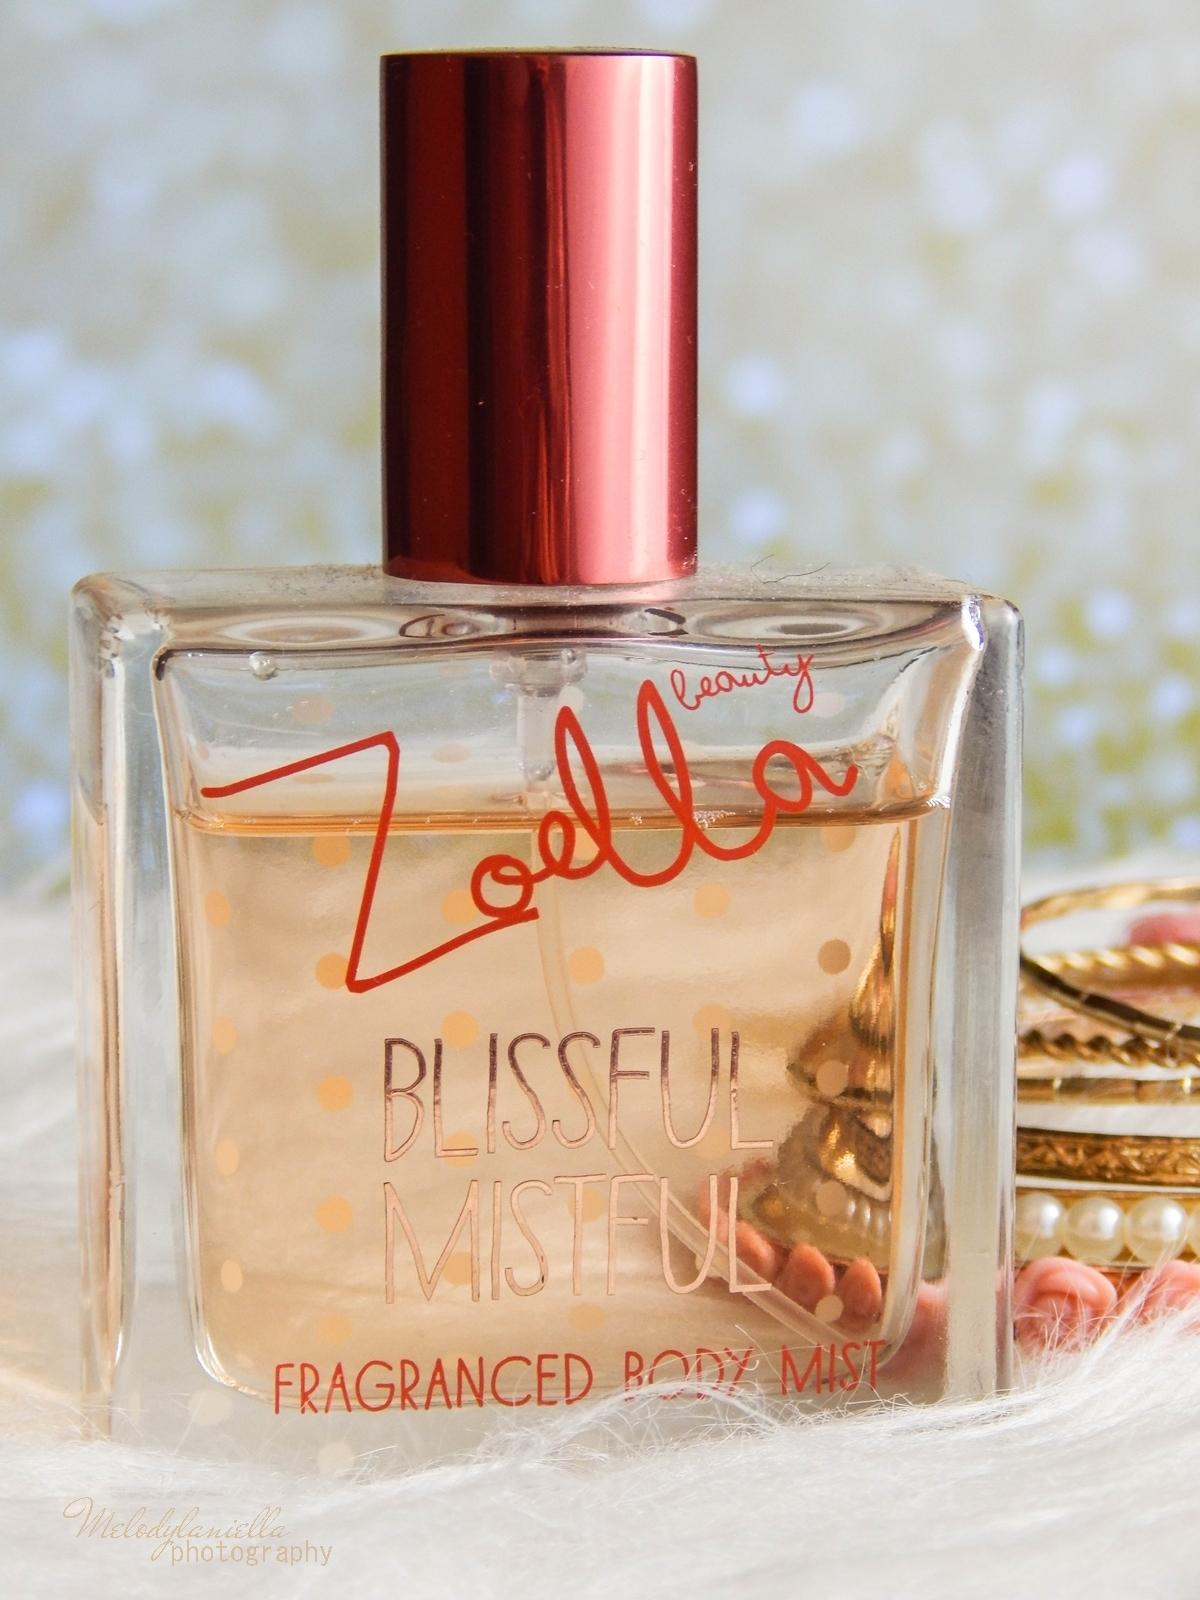 Zoella Blissful Mistful perfumy Zoella Beauty Superdrug recenzja kosmetyki Zoe Sugg moje ulubione perfumy na zimę melodylaniella style lifestyle blog ciekawe zapachy perfumy angielskie